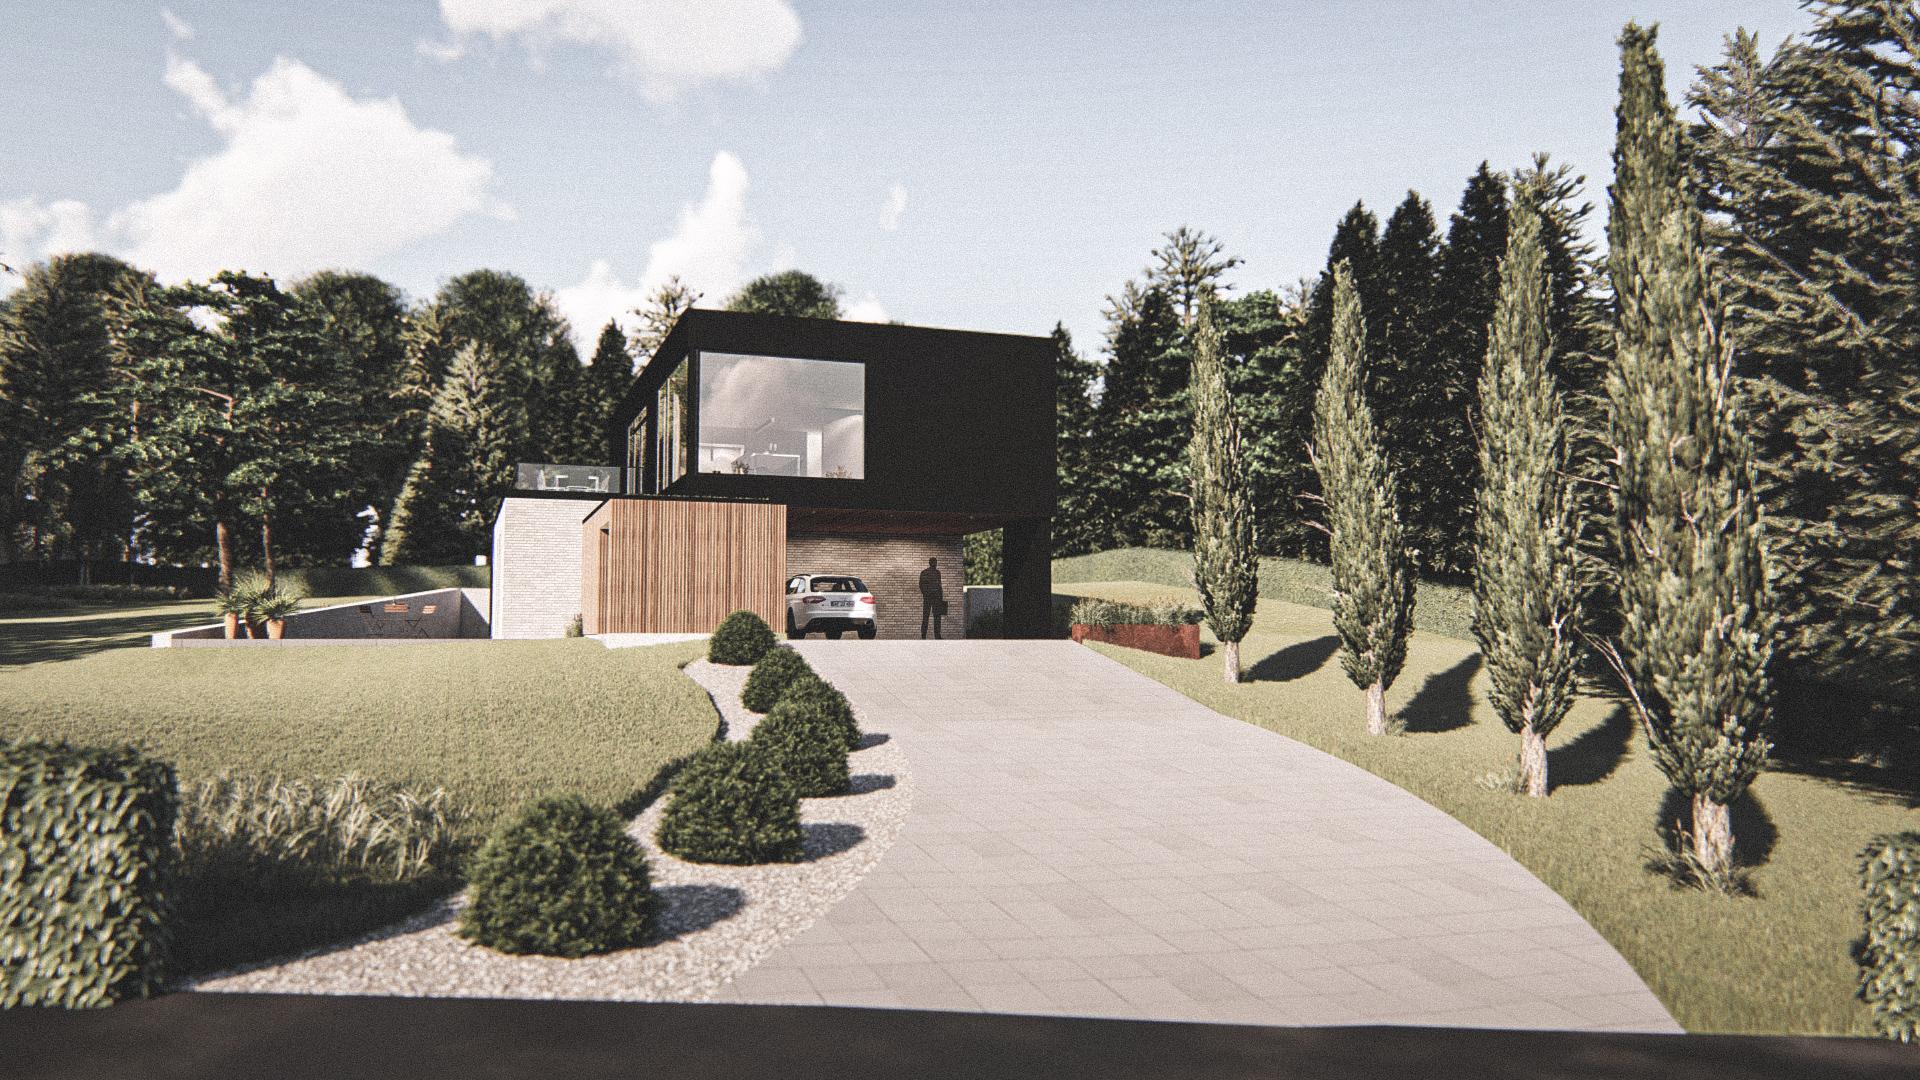 Billede af et arkitekt tegnet projektforslag af ny 2 plans drømme villa i Hadsund, af det danske arkitektfirma m2plus